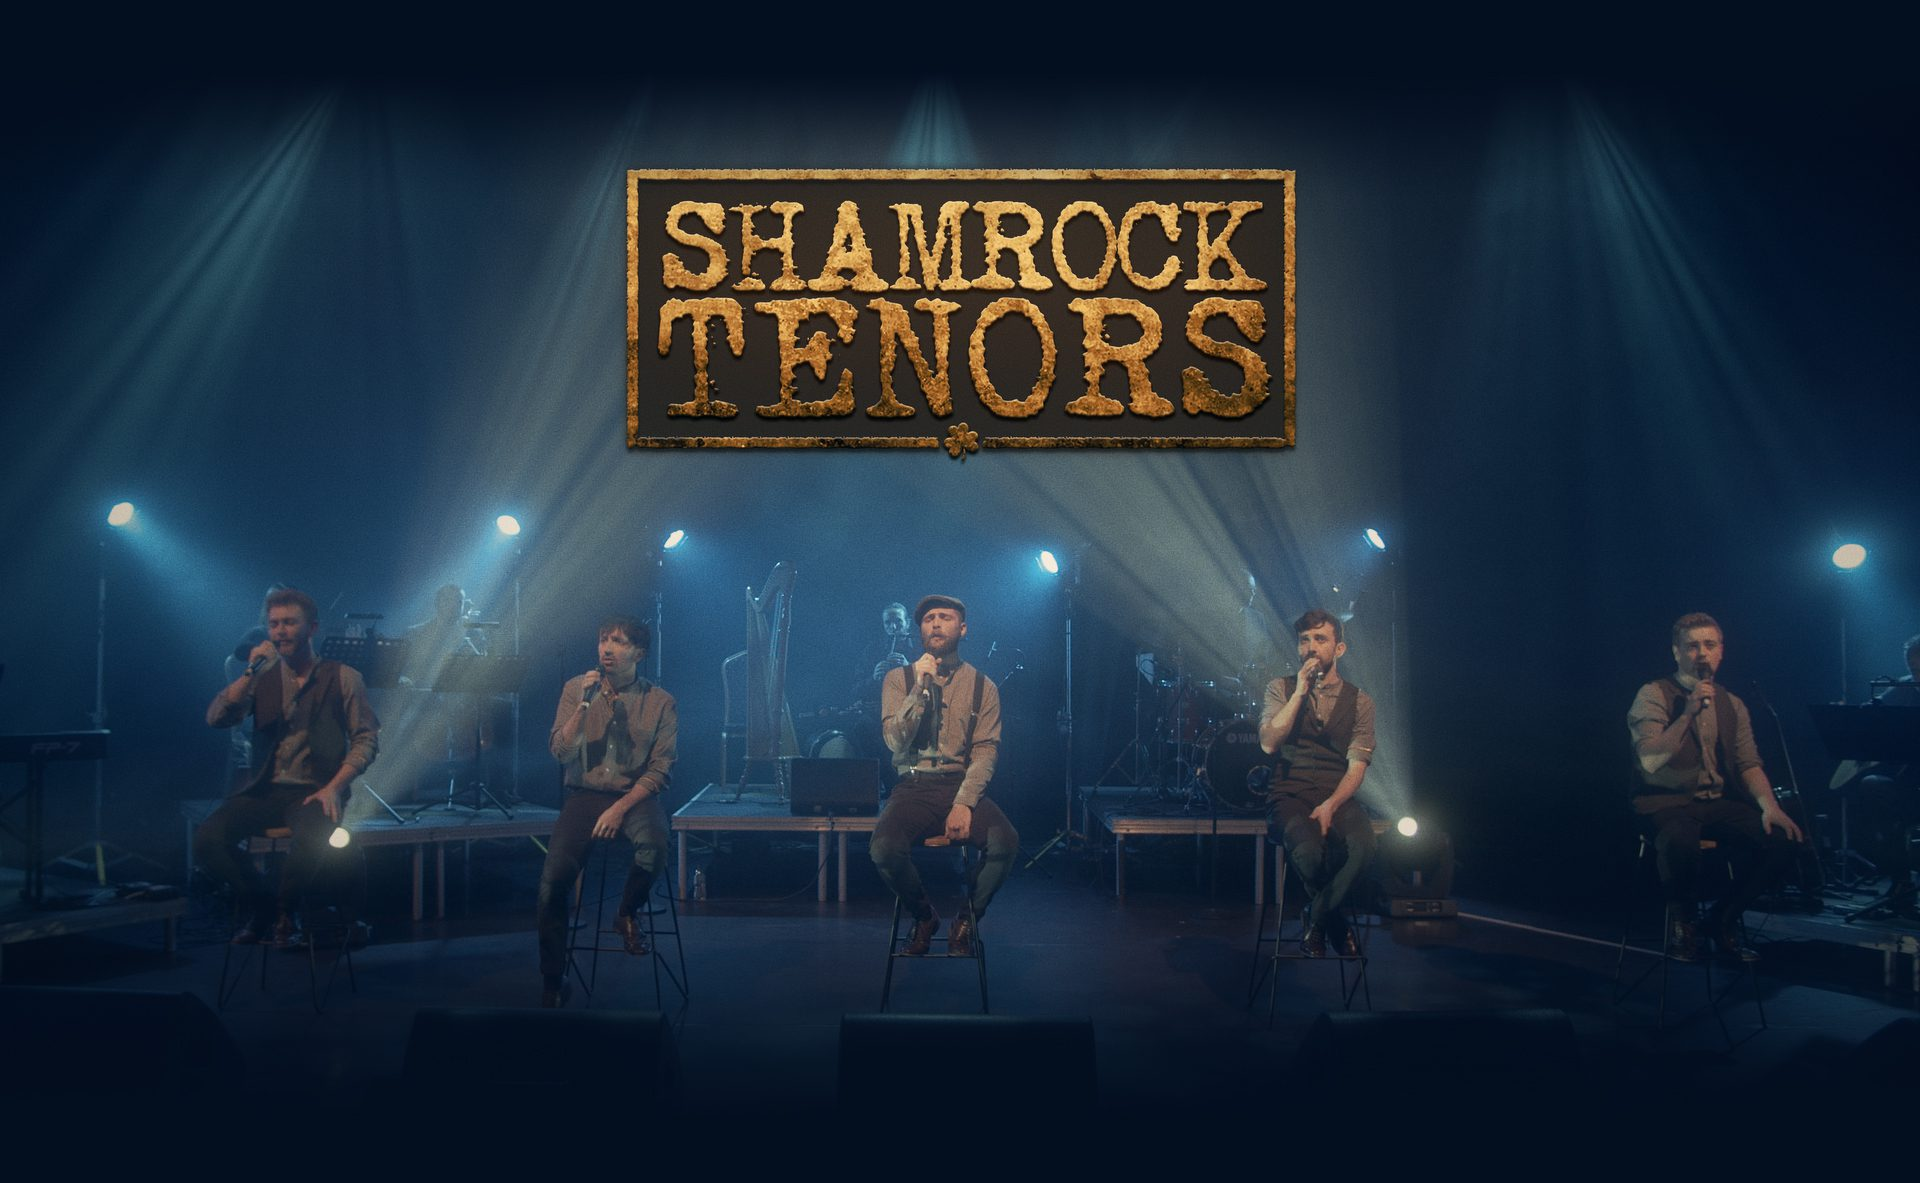 Shamrock Tenors